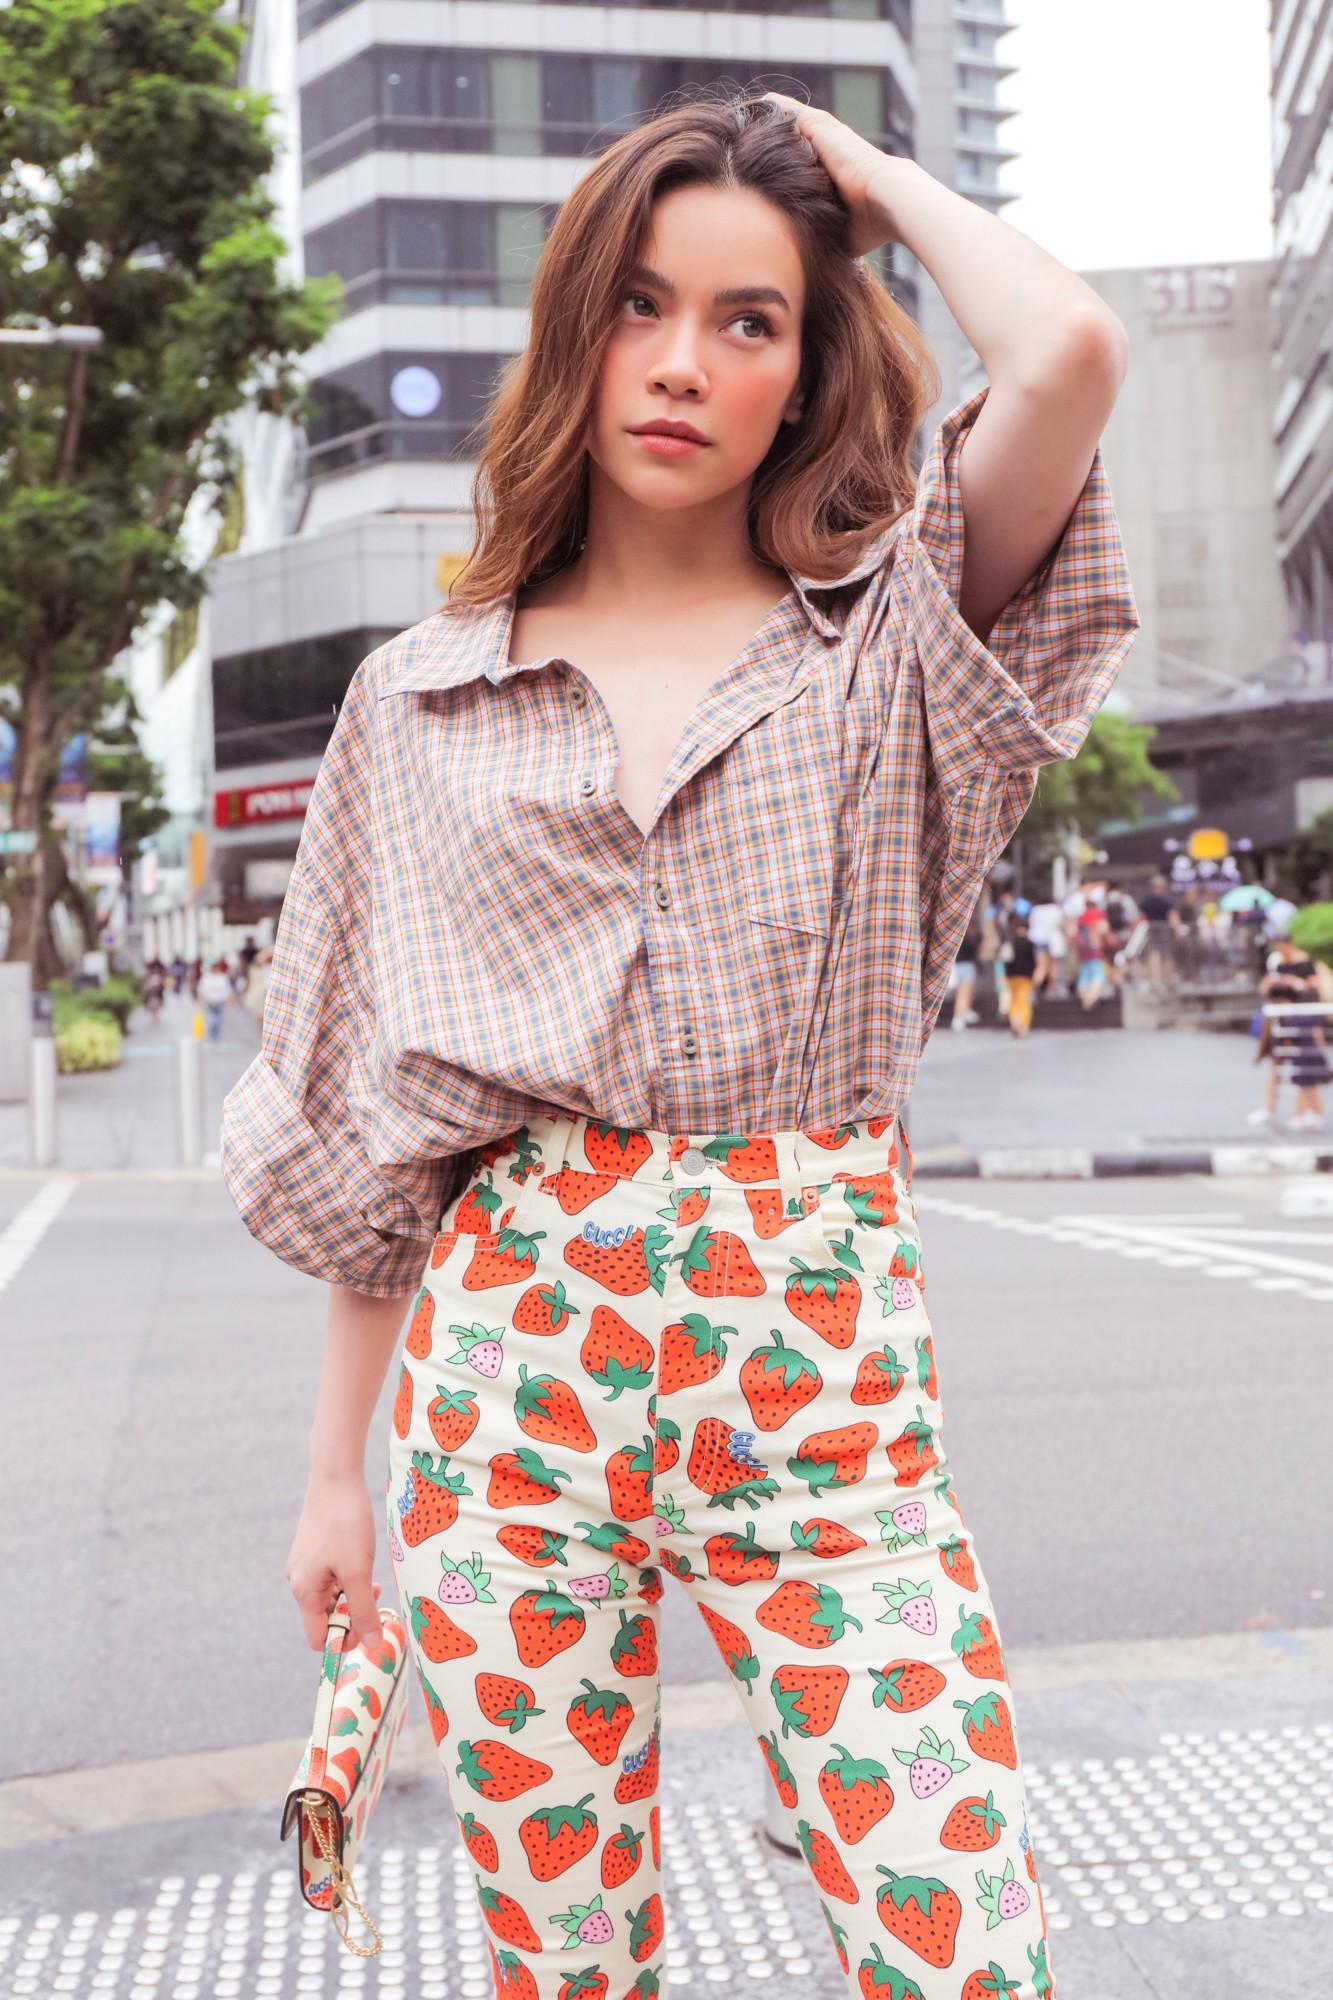 Hồ Ngọc Hà gây chú ý trên đường phố Singapore nhờ street style nổi bật   - Ảnh 3.